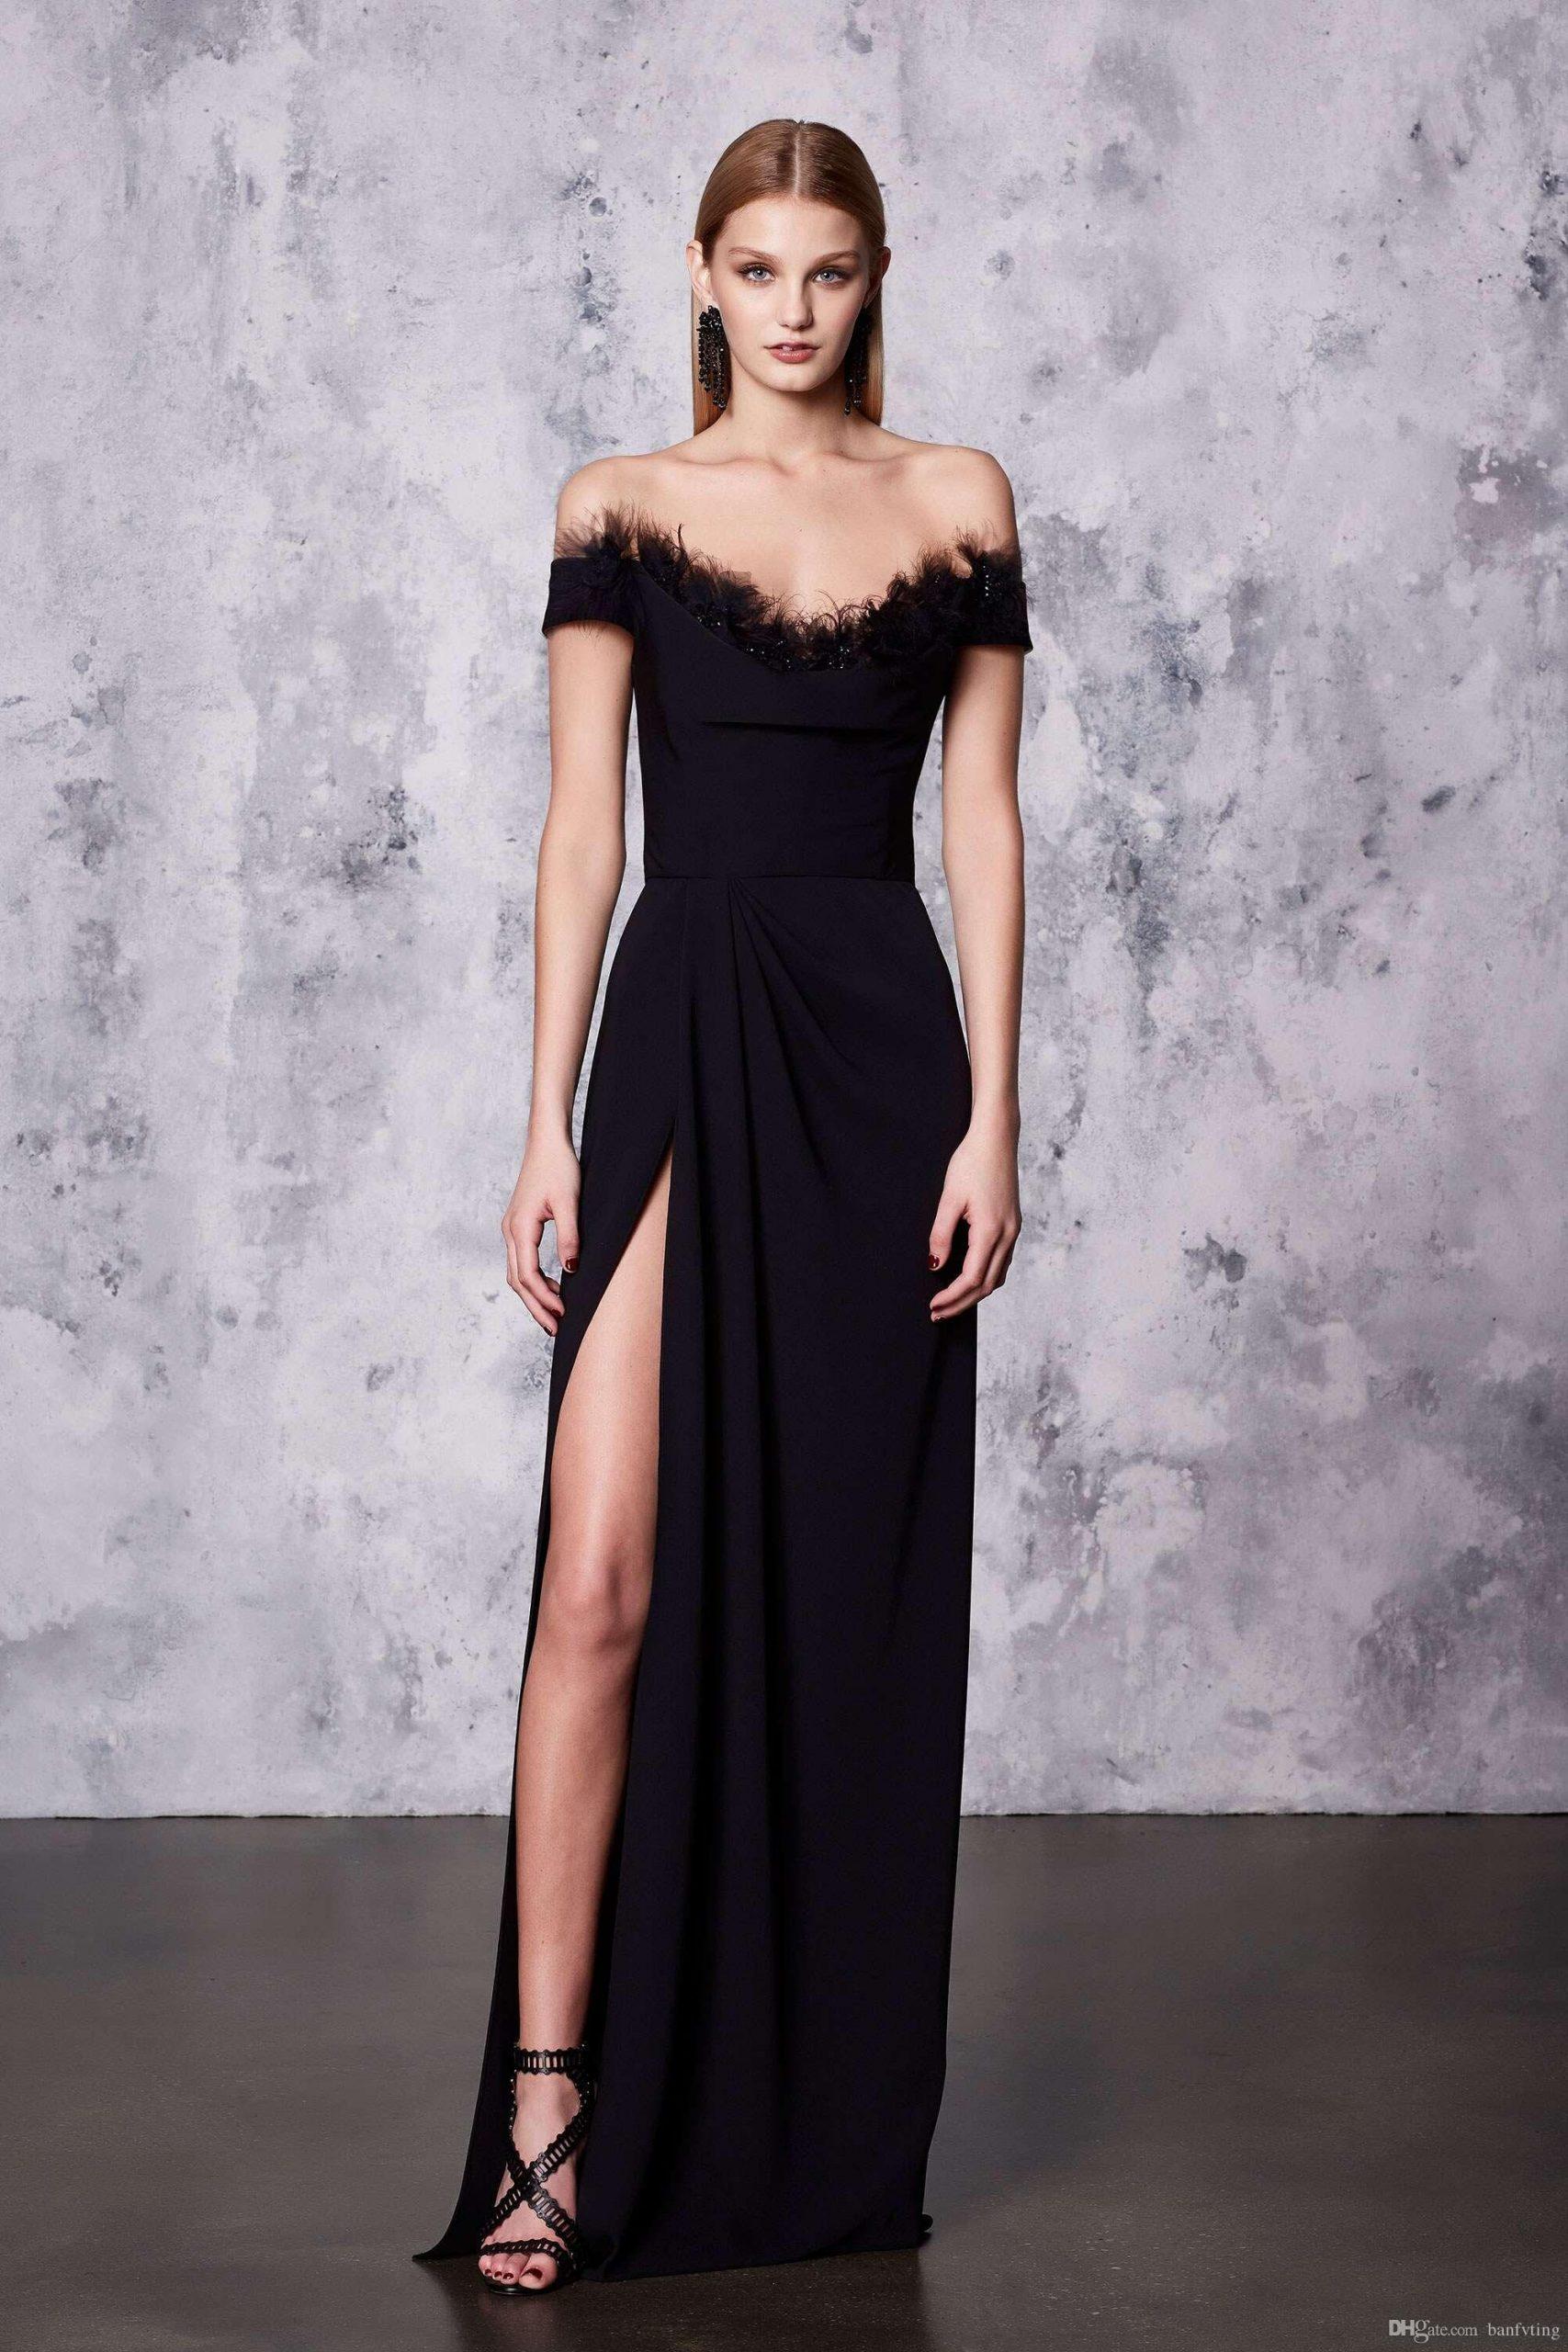 20 Fantastisch Schwarzes Abend Kleid VertriebAbend Schön Schwarzes Abend Kleid Bester Preis